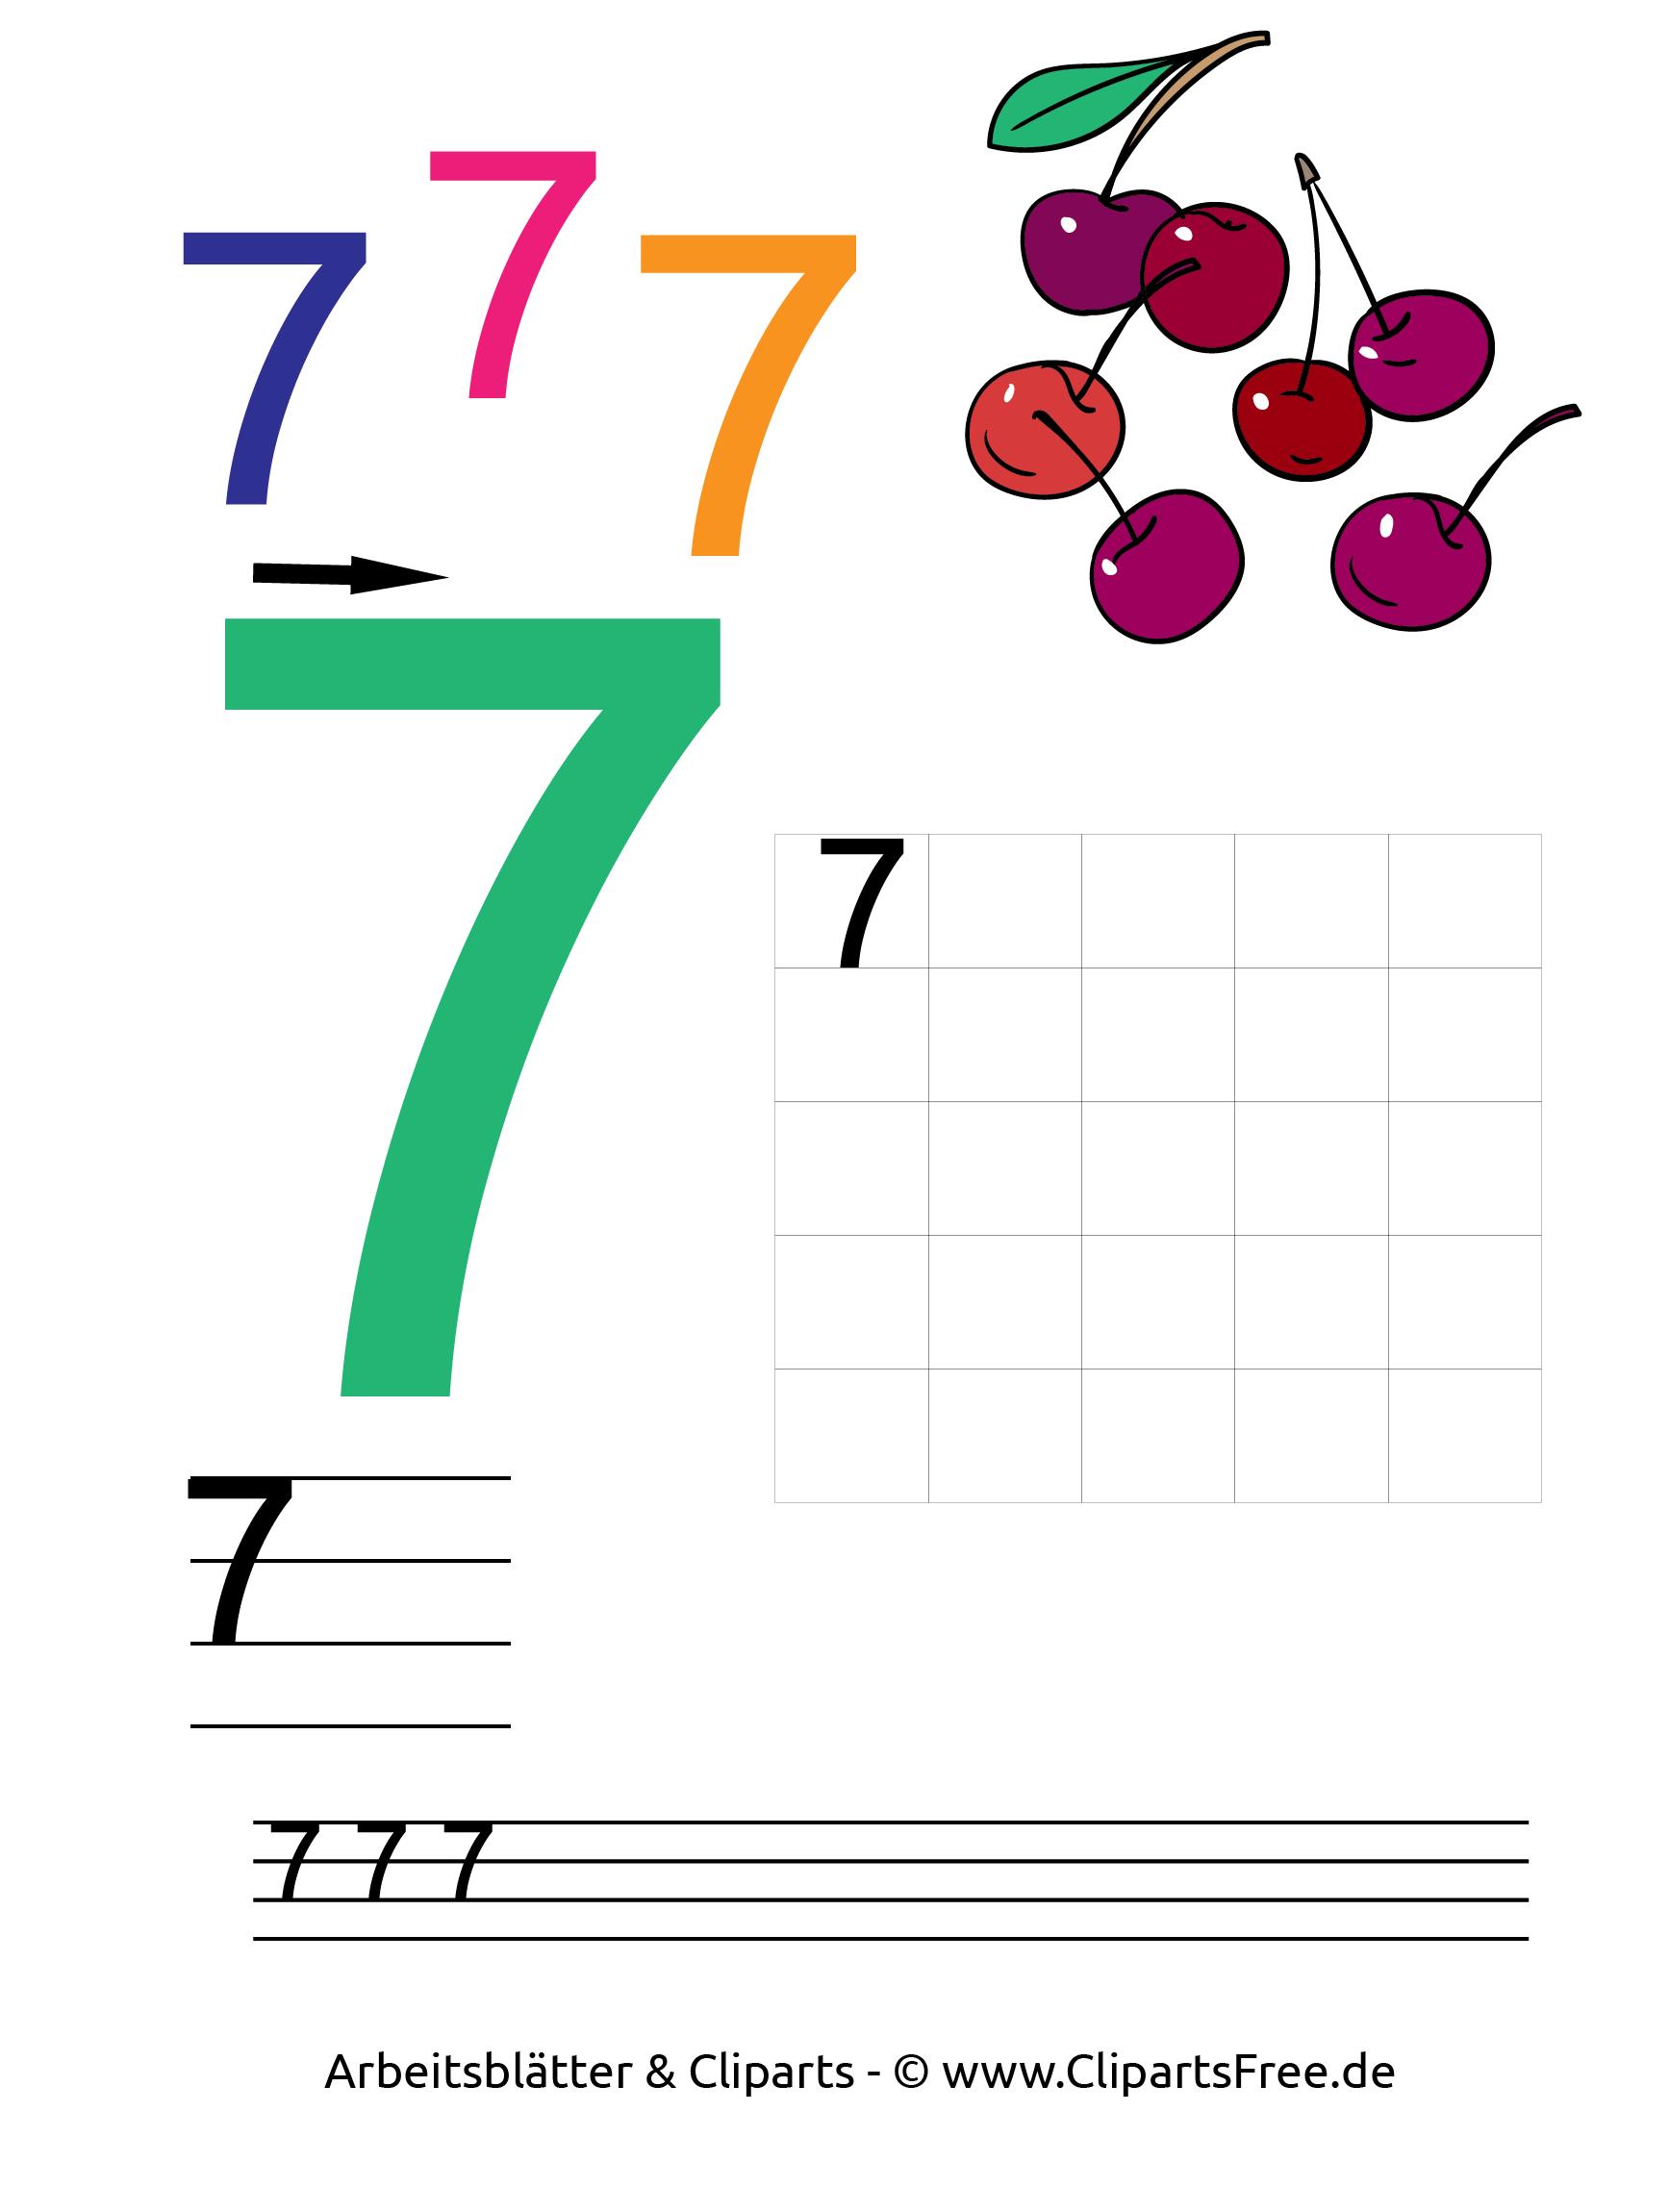 7 - Zahlen zum Ausdrucken 1-10